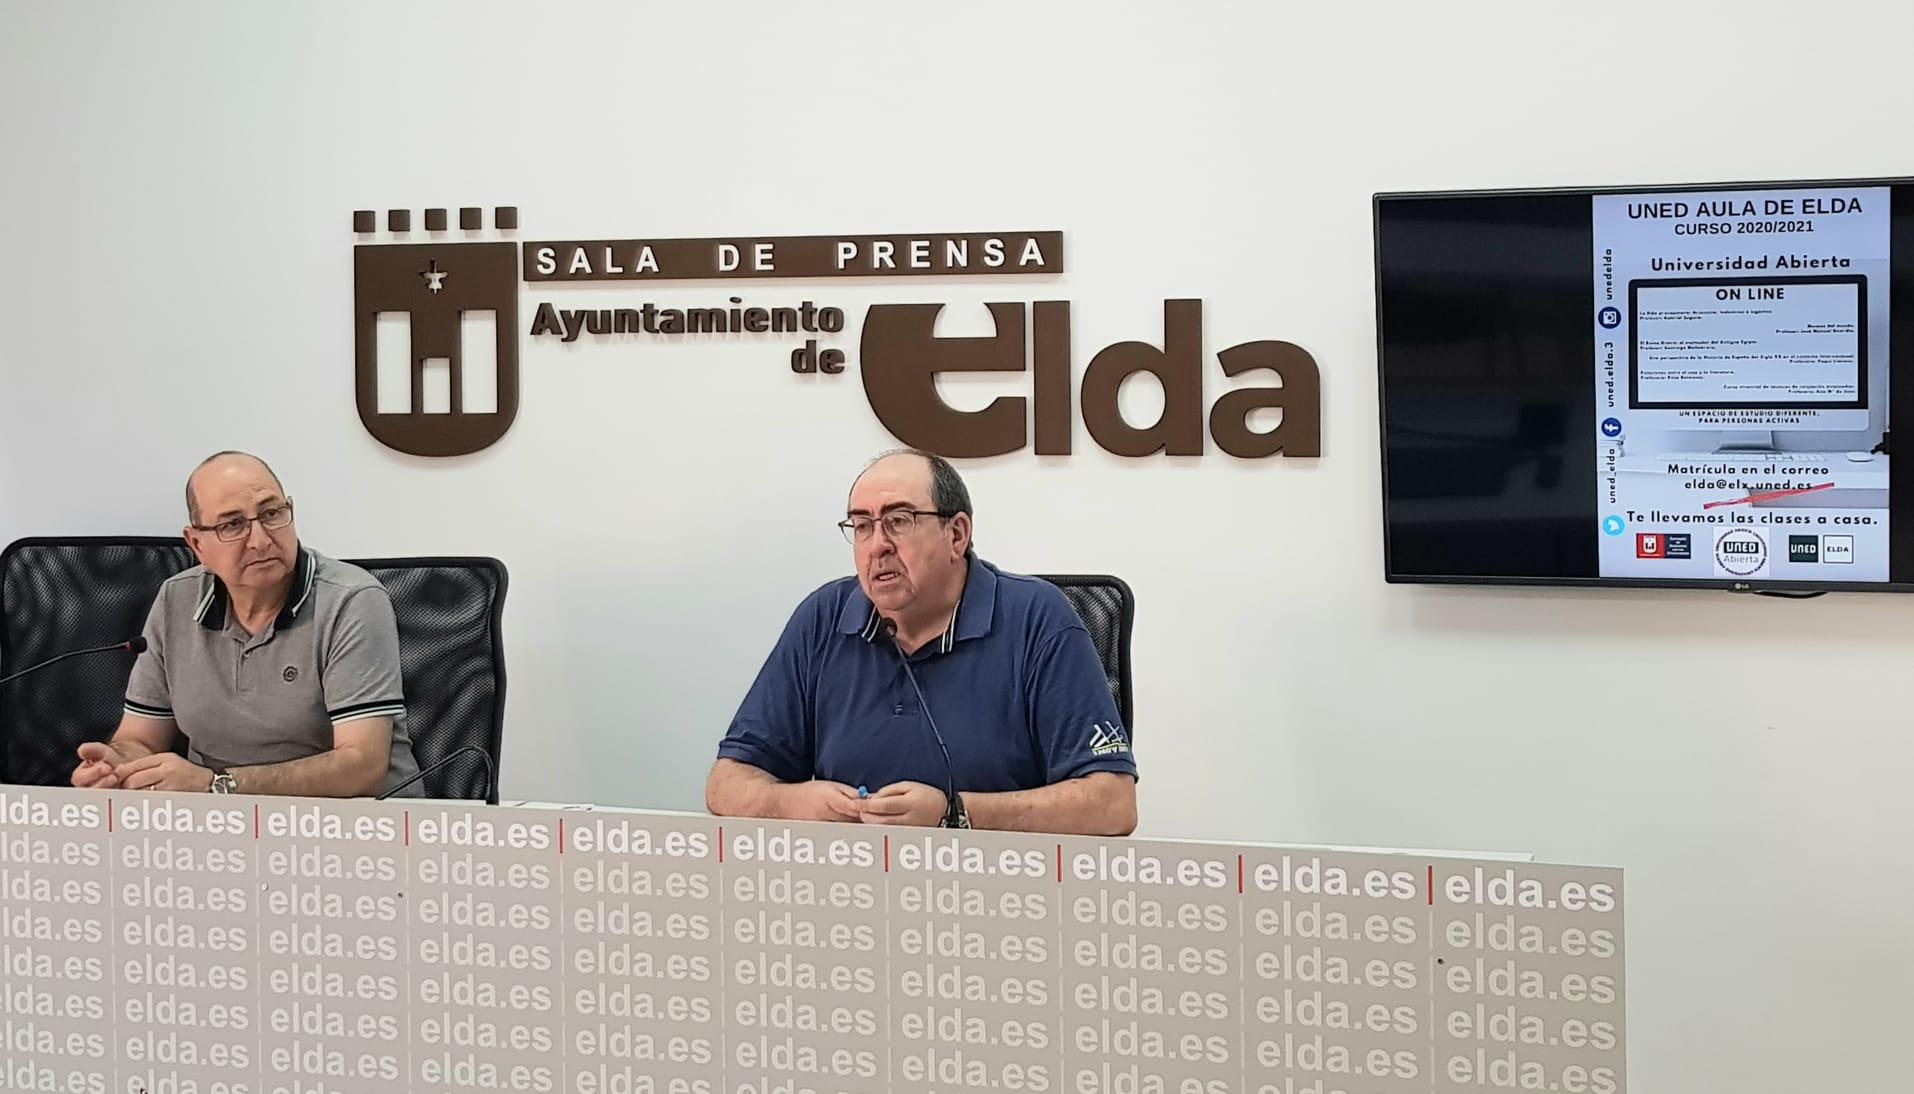 La UNED de Elda pone en marcha el programa de la Universidad Abierta, que este curso se impartirá de manera online